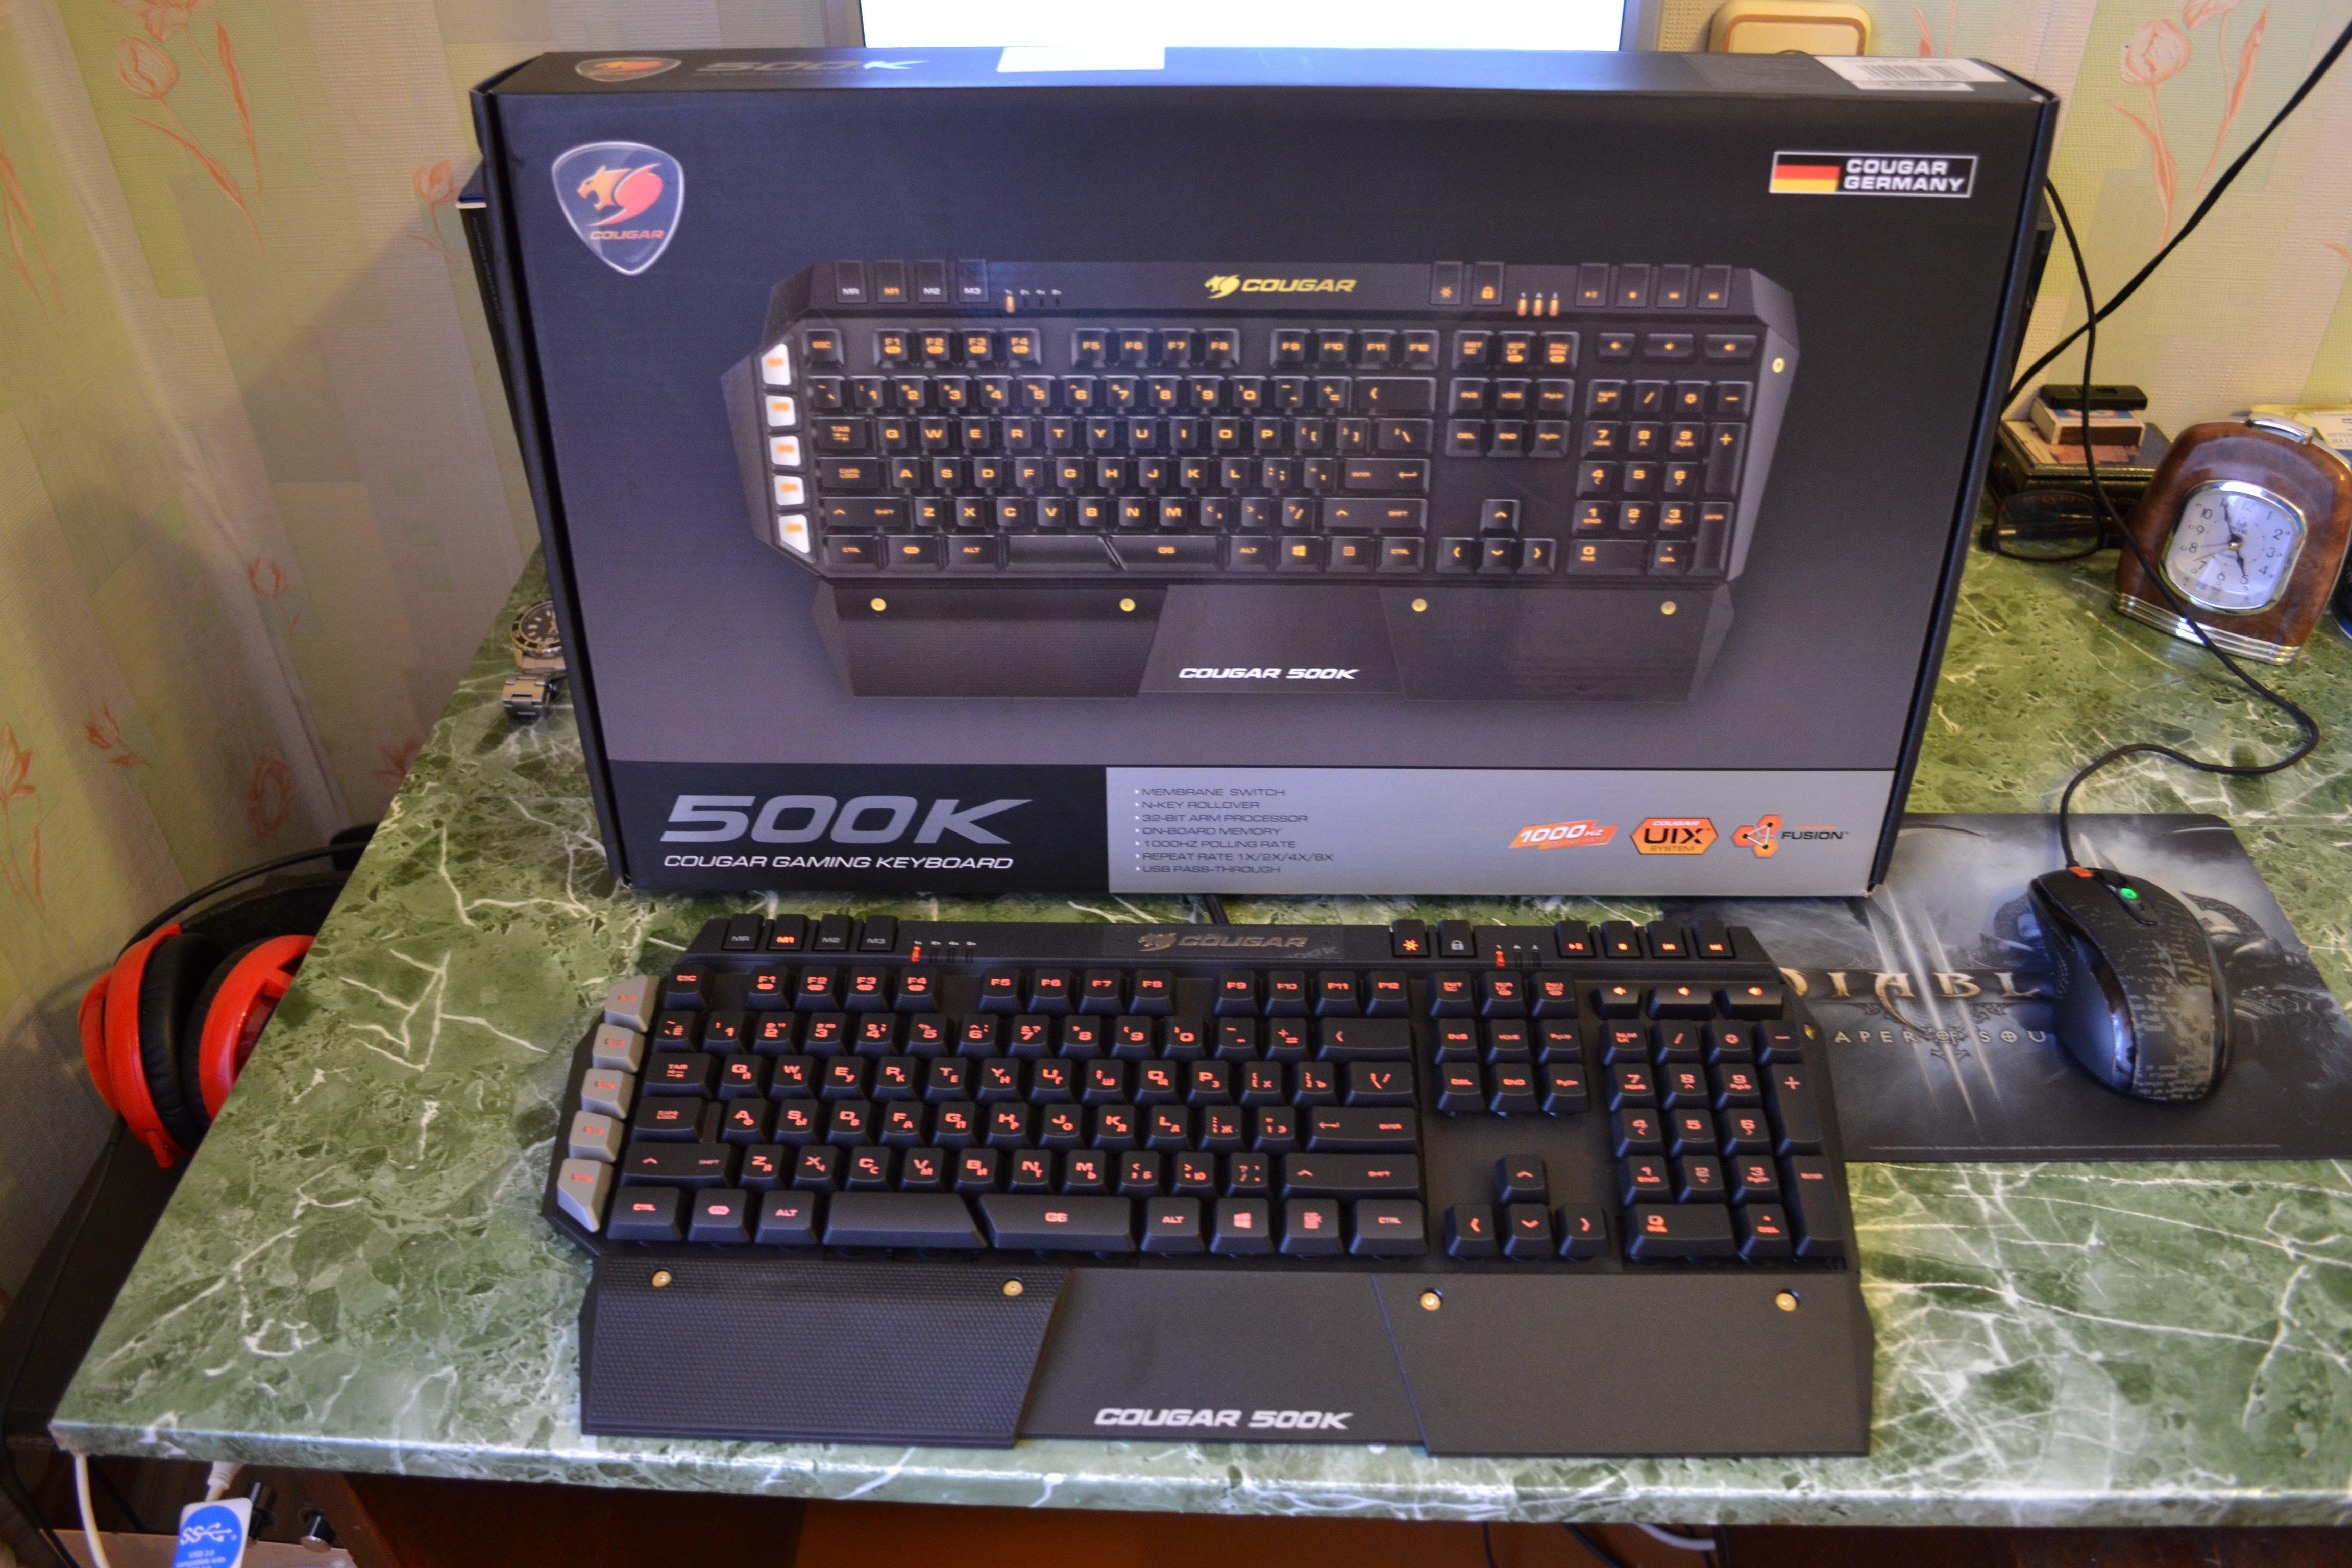 Клавиатура Cougar 500K - Изображение 1